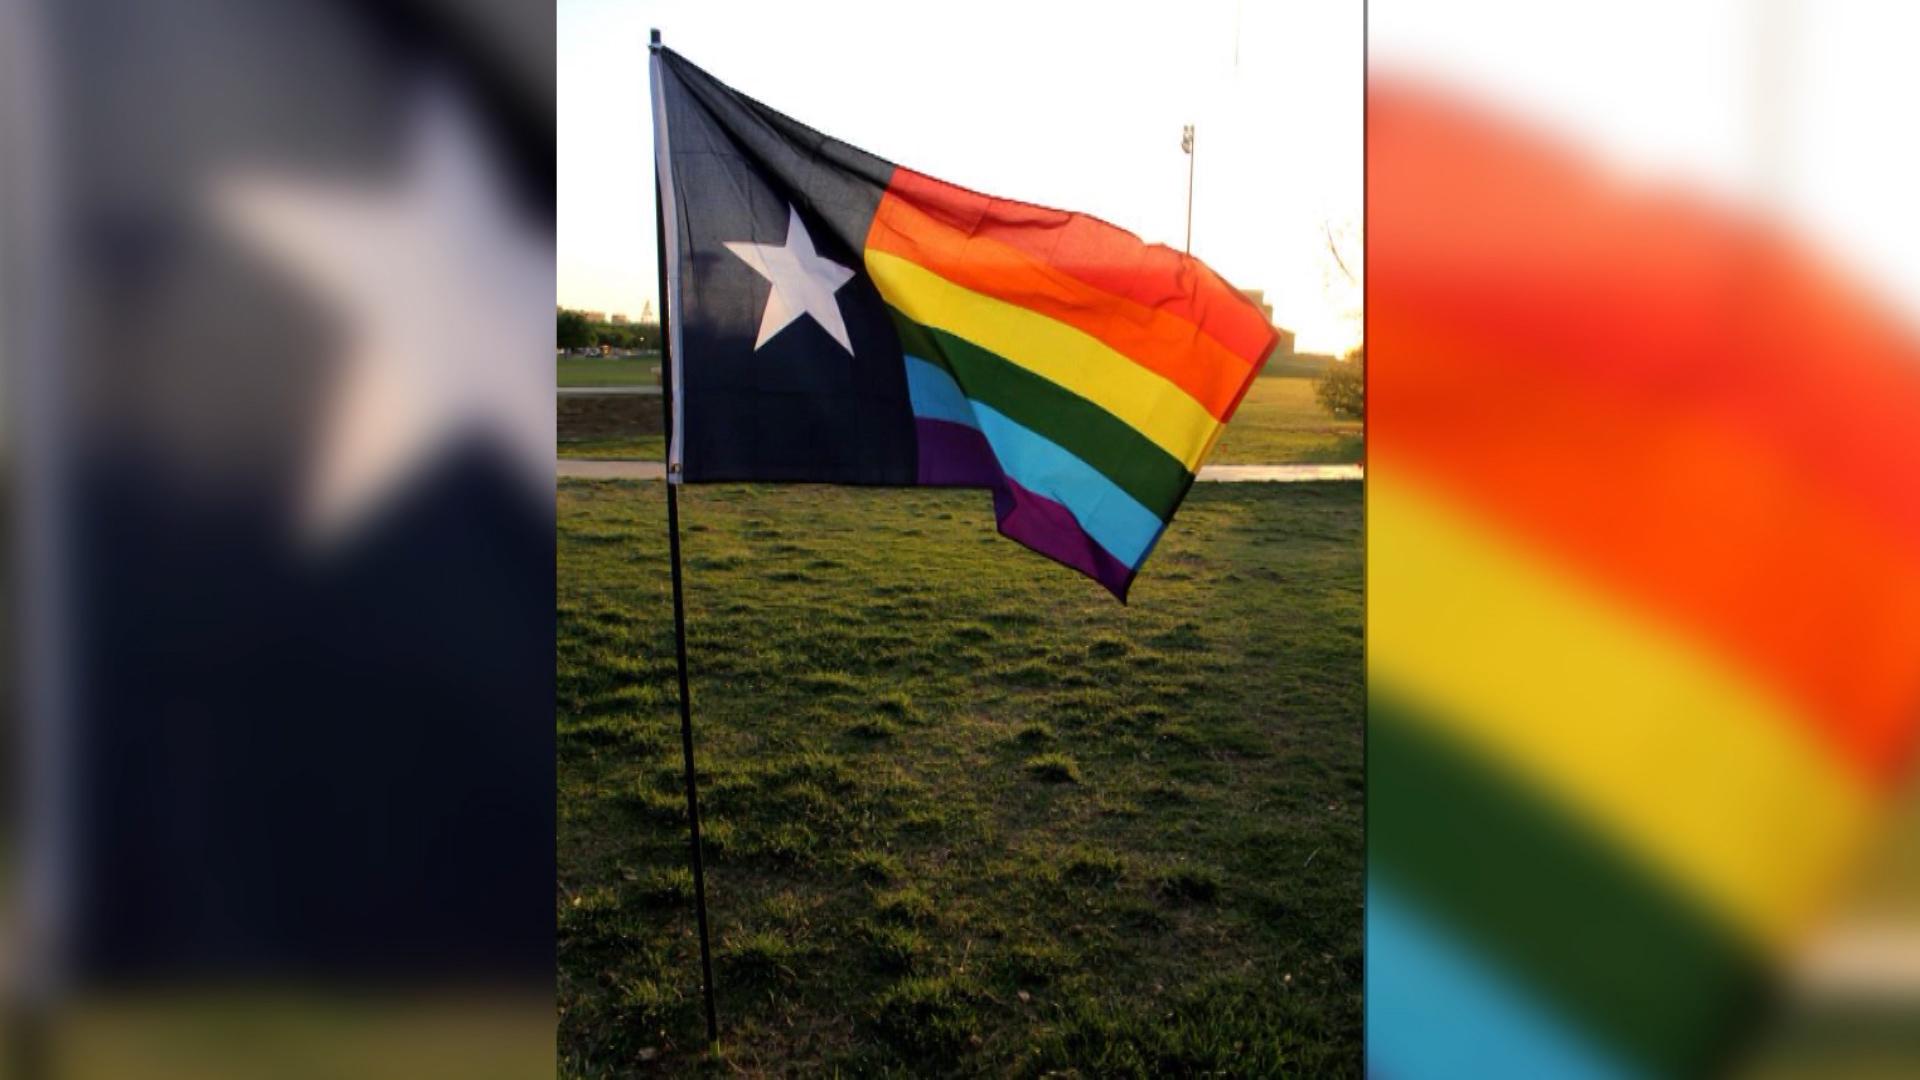 flag stolen_1460417069452.jpg